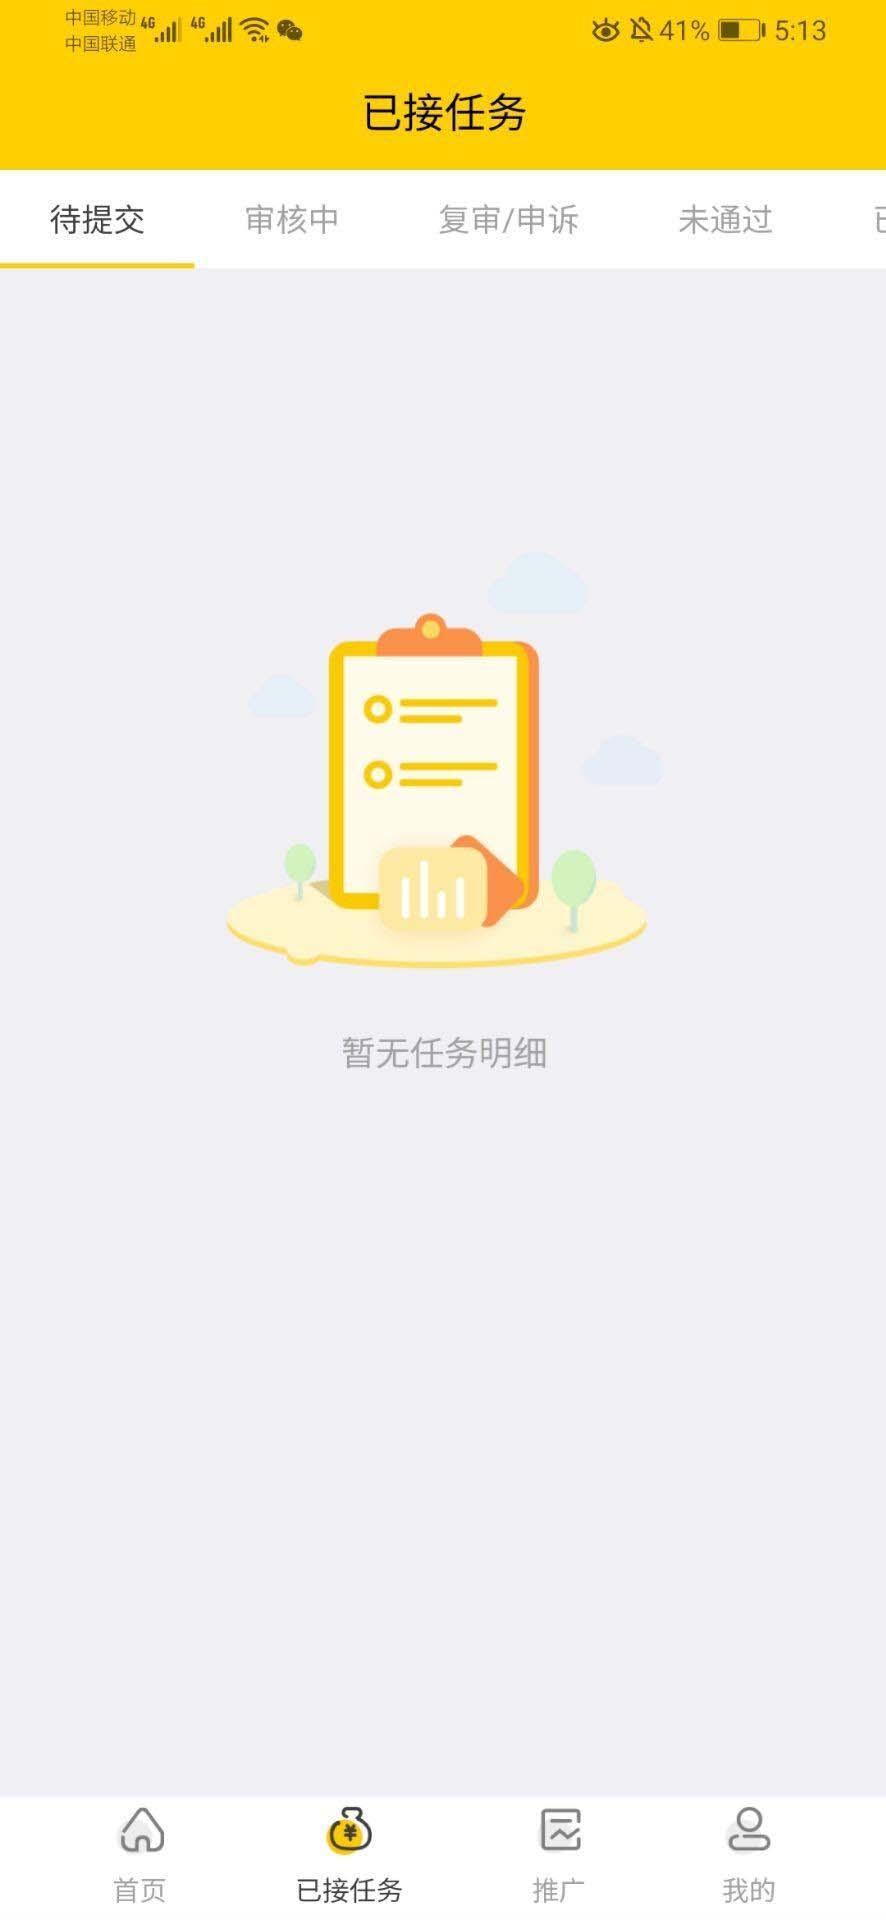 【精品源码】6月新版悬赏猫源码仿似度97%+可打包APP+详细视频搭建教程